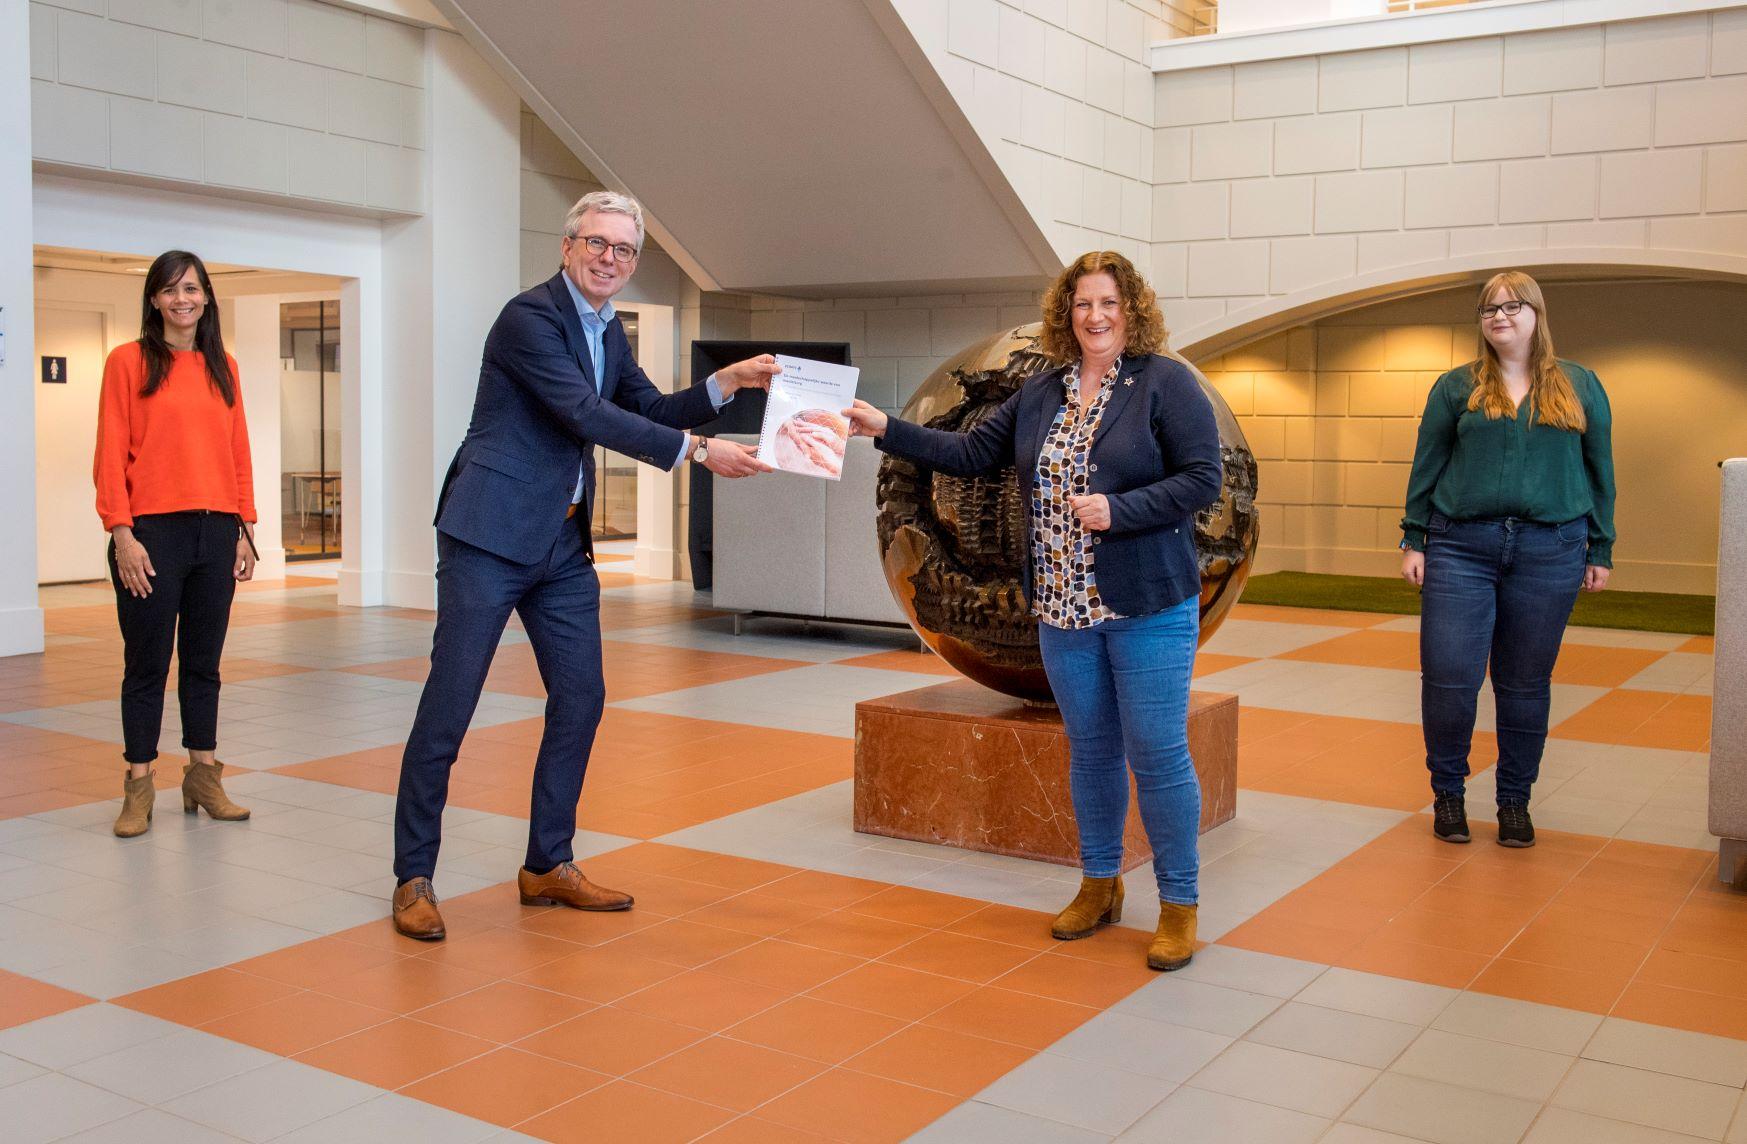 Ernst van Koesveld, directeur-generaal Langdurige Zorg bij VWS, ontvangt het rapport van Liesbeth Hoogendijk en mantelzorgers Vianne Spang en Marise Schot.